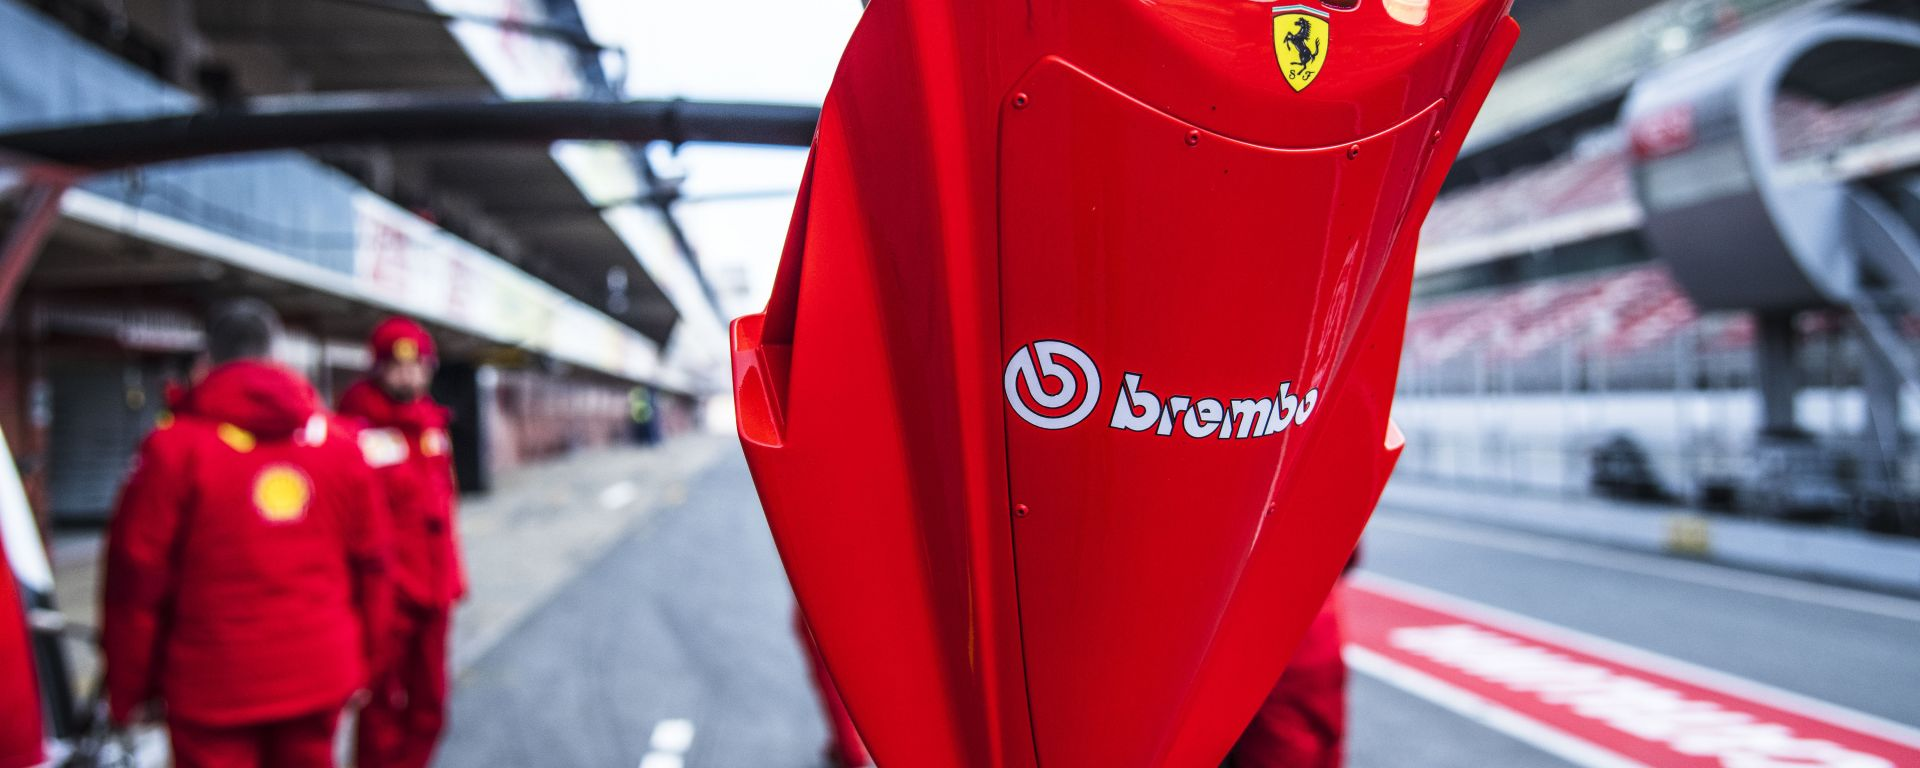 F1, il logo Brembo al box Ferrari